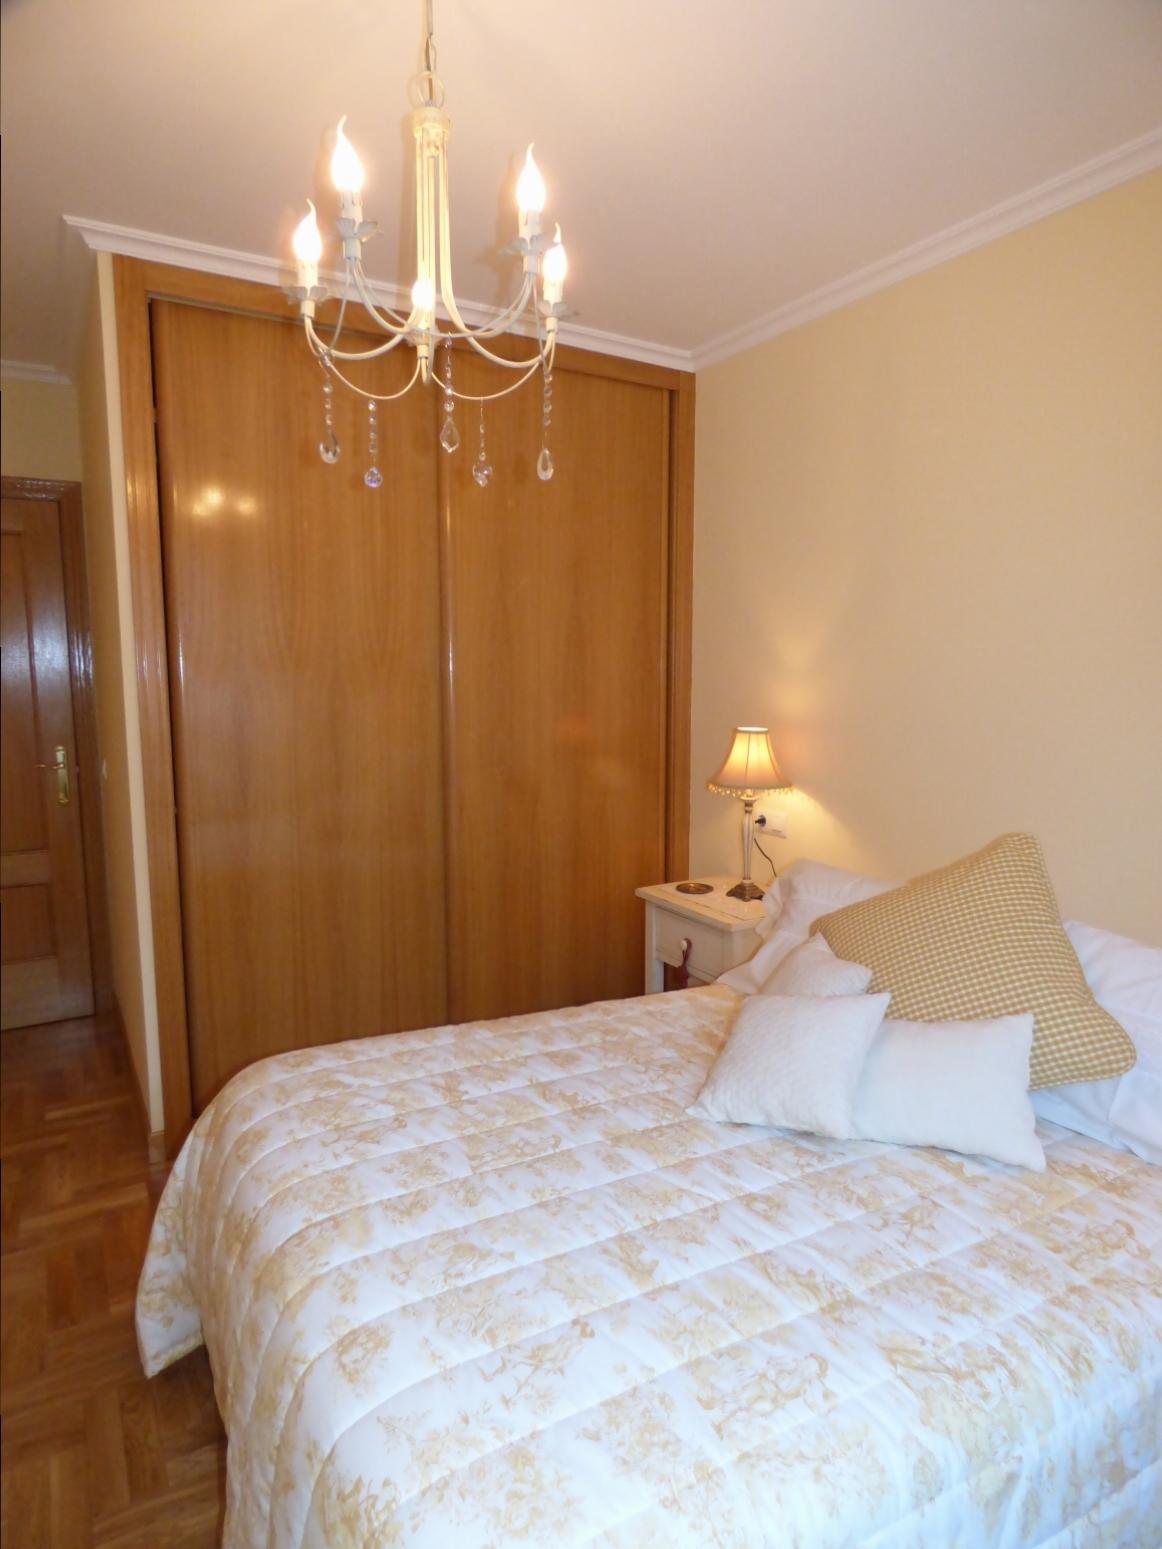 Inmobiliaria Las Torres En Gij N Pisos Casas Y Locales En Venta  # Muebles Pumarin Armarios